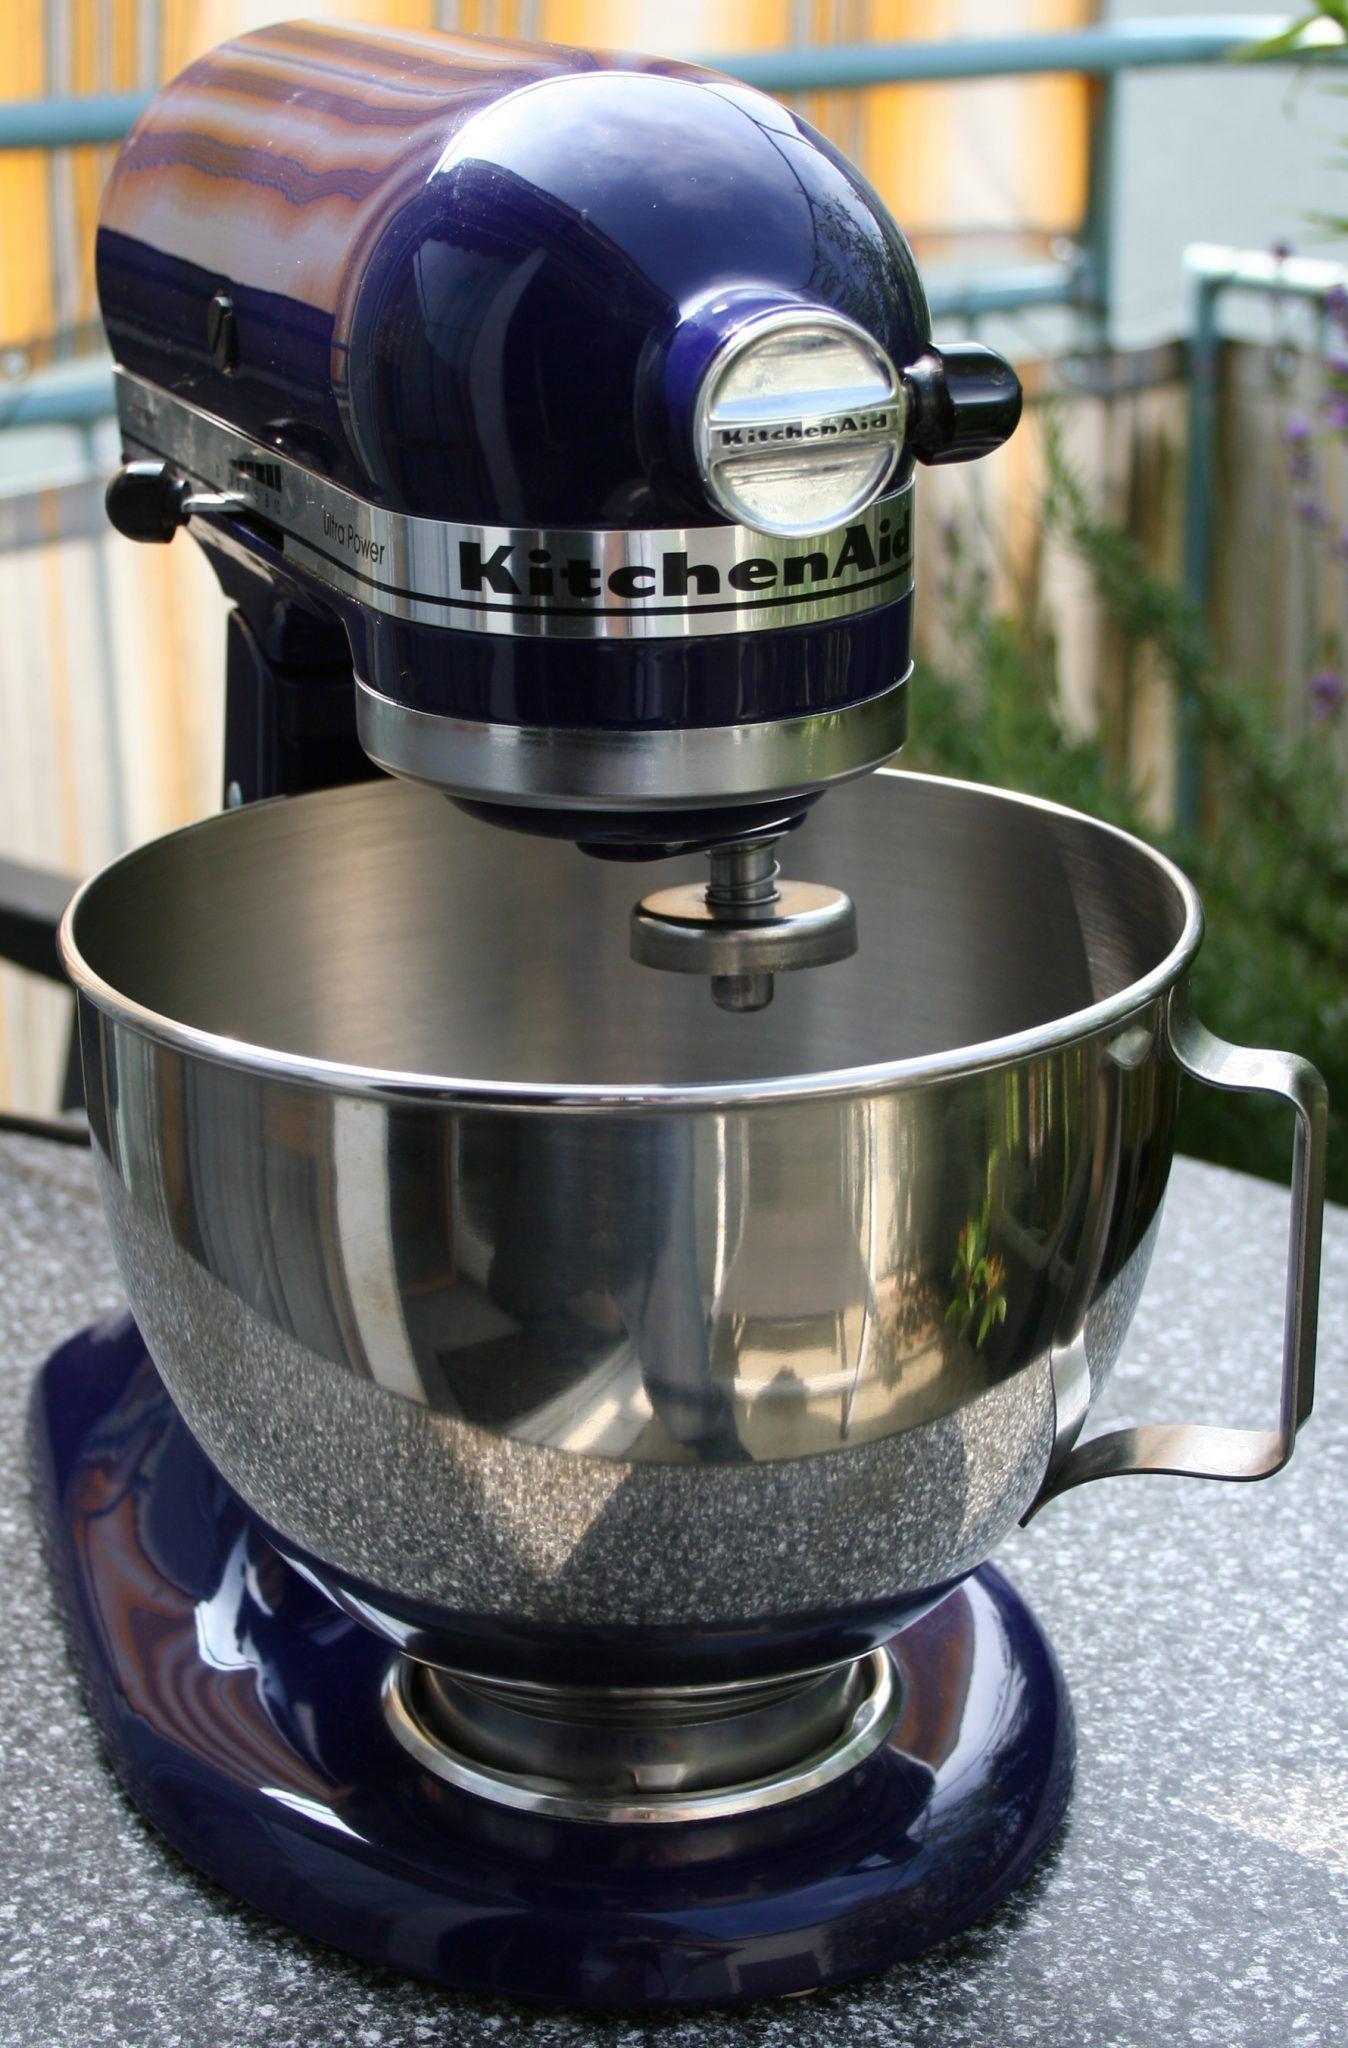 Kuchenmaschinen Antrieb Wie Viel Watt Muss Eine Kuchenmaschine Haben Um Genug Motorleistung Vorzuweisen Und Das Verarbeiten Kuchenprodukte Kuchenhilfe Kuche